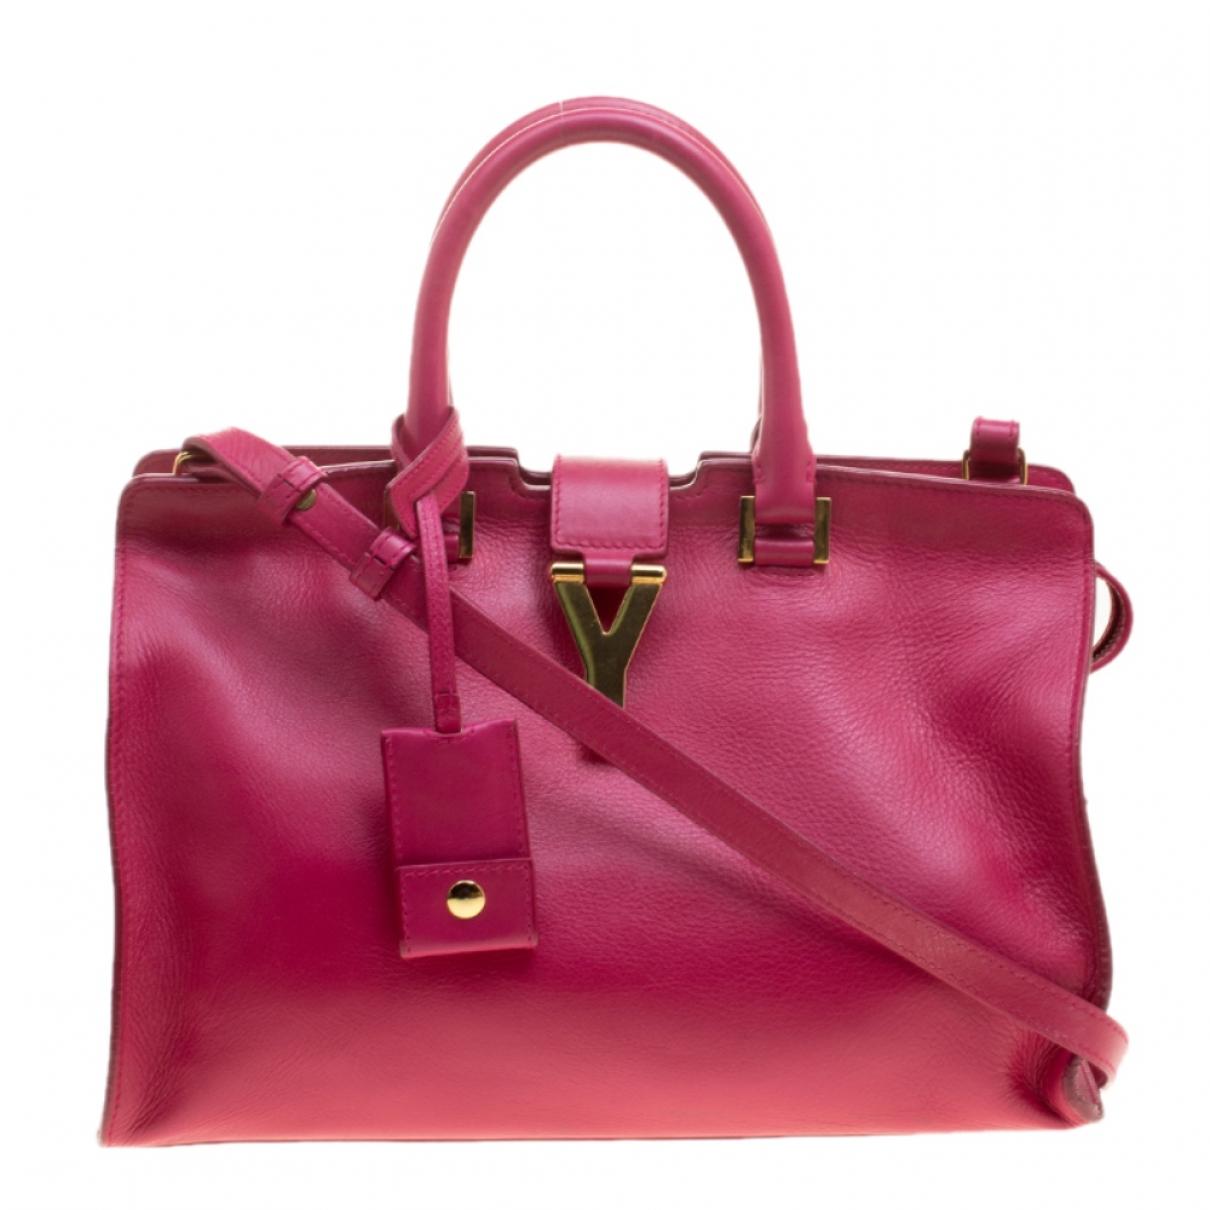 Saint Laurent - Sac a main Chyc pour femme en cuir - rose